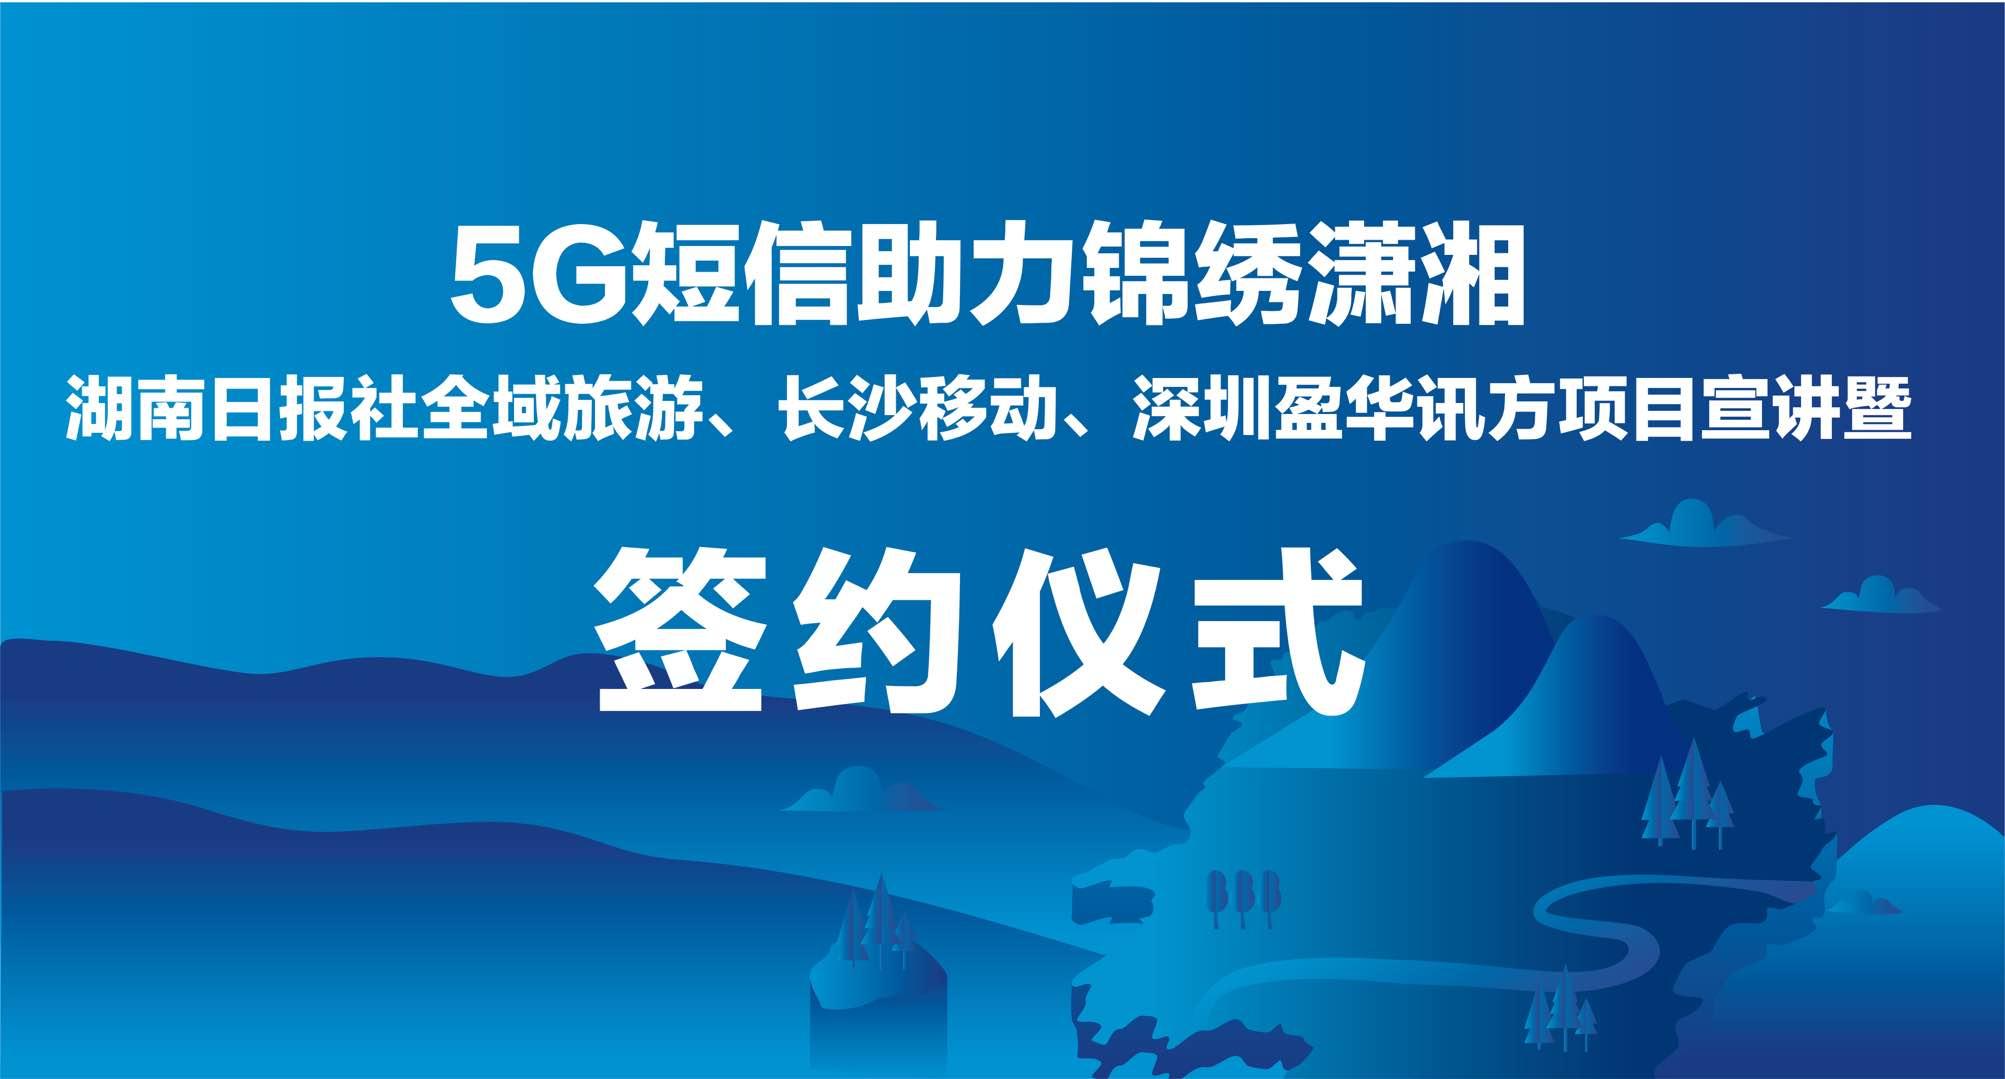 直播预告>>5G短信来了!打造智慧文旅发展新态势